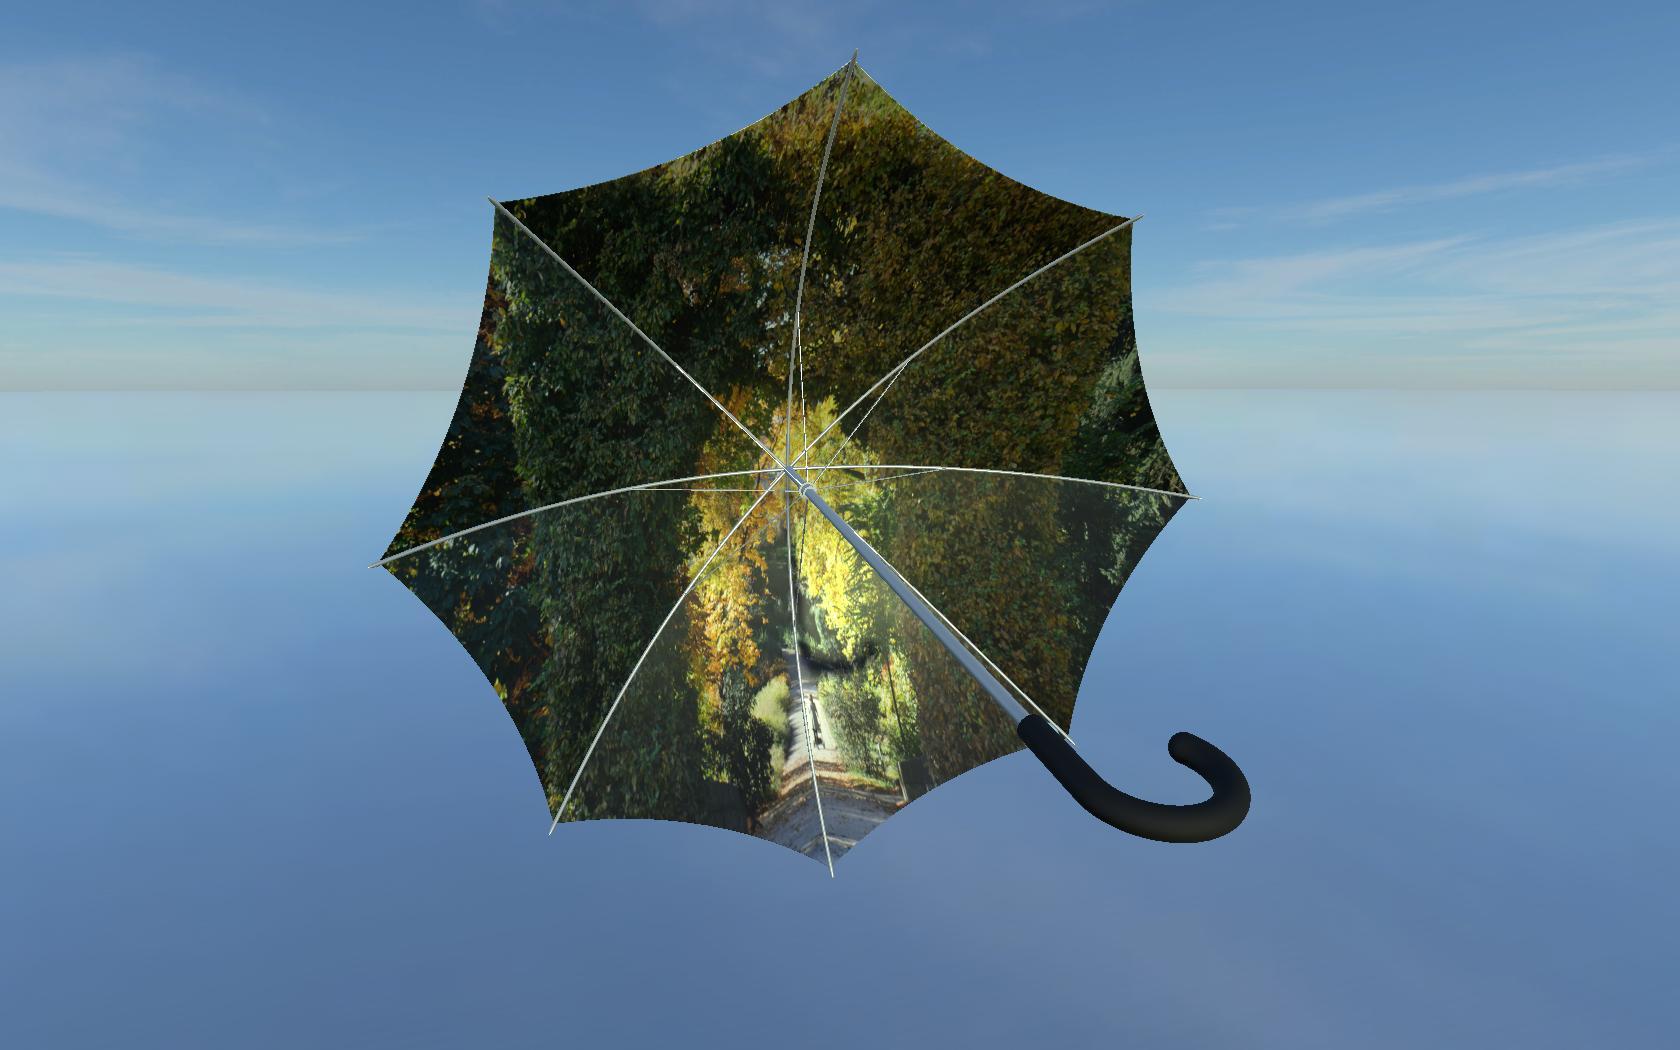 Regenschirm All-over-Print innen bedruckt